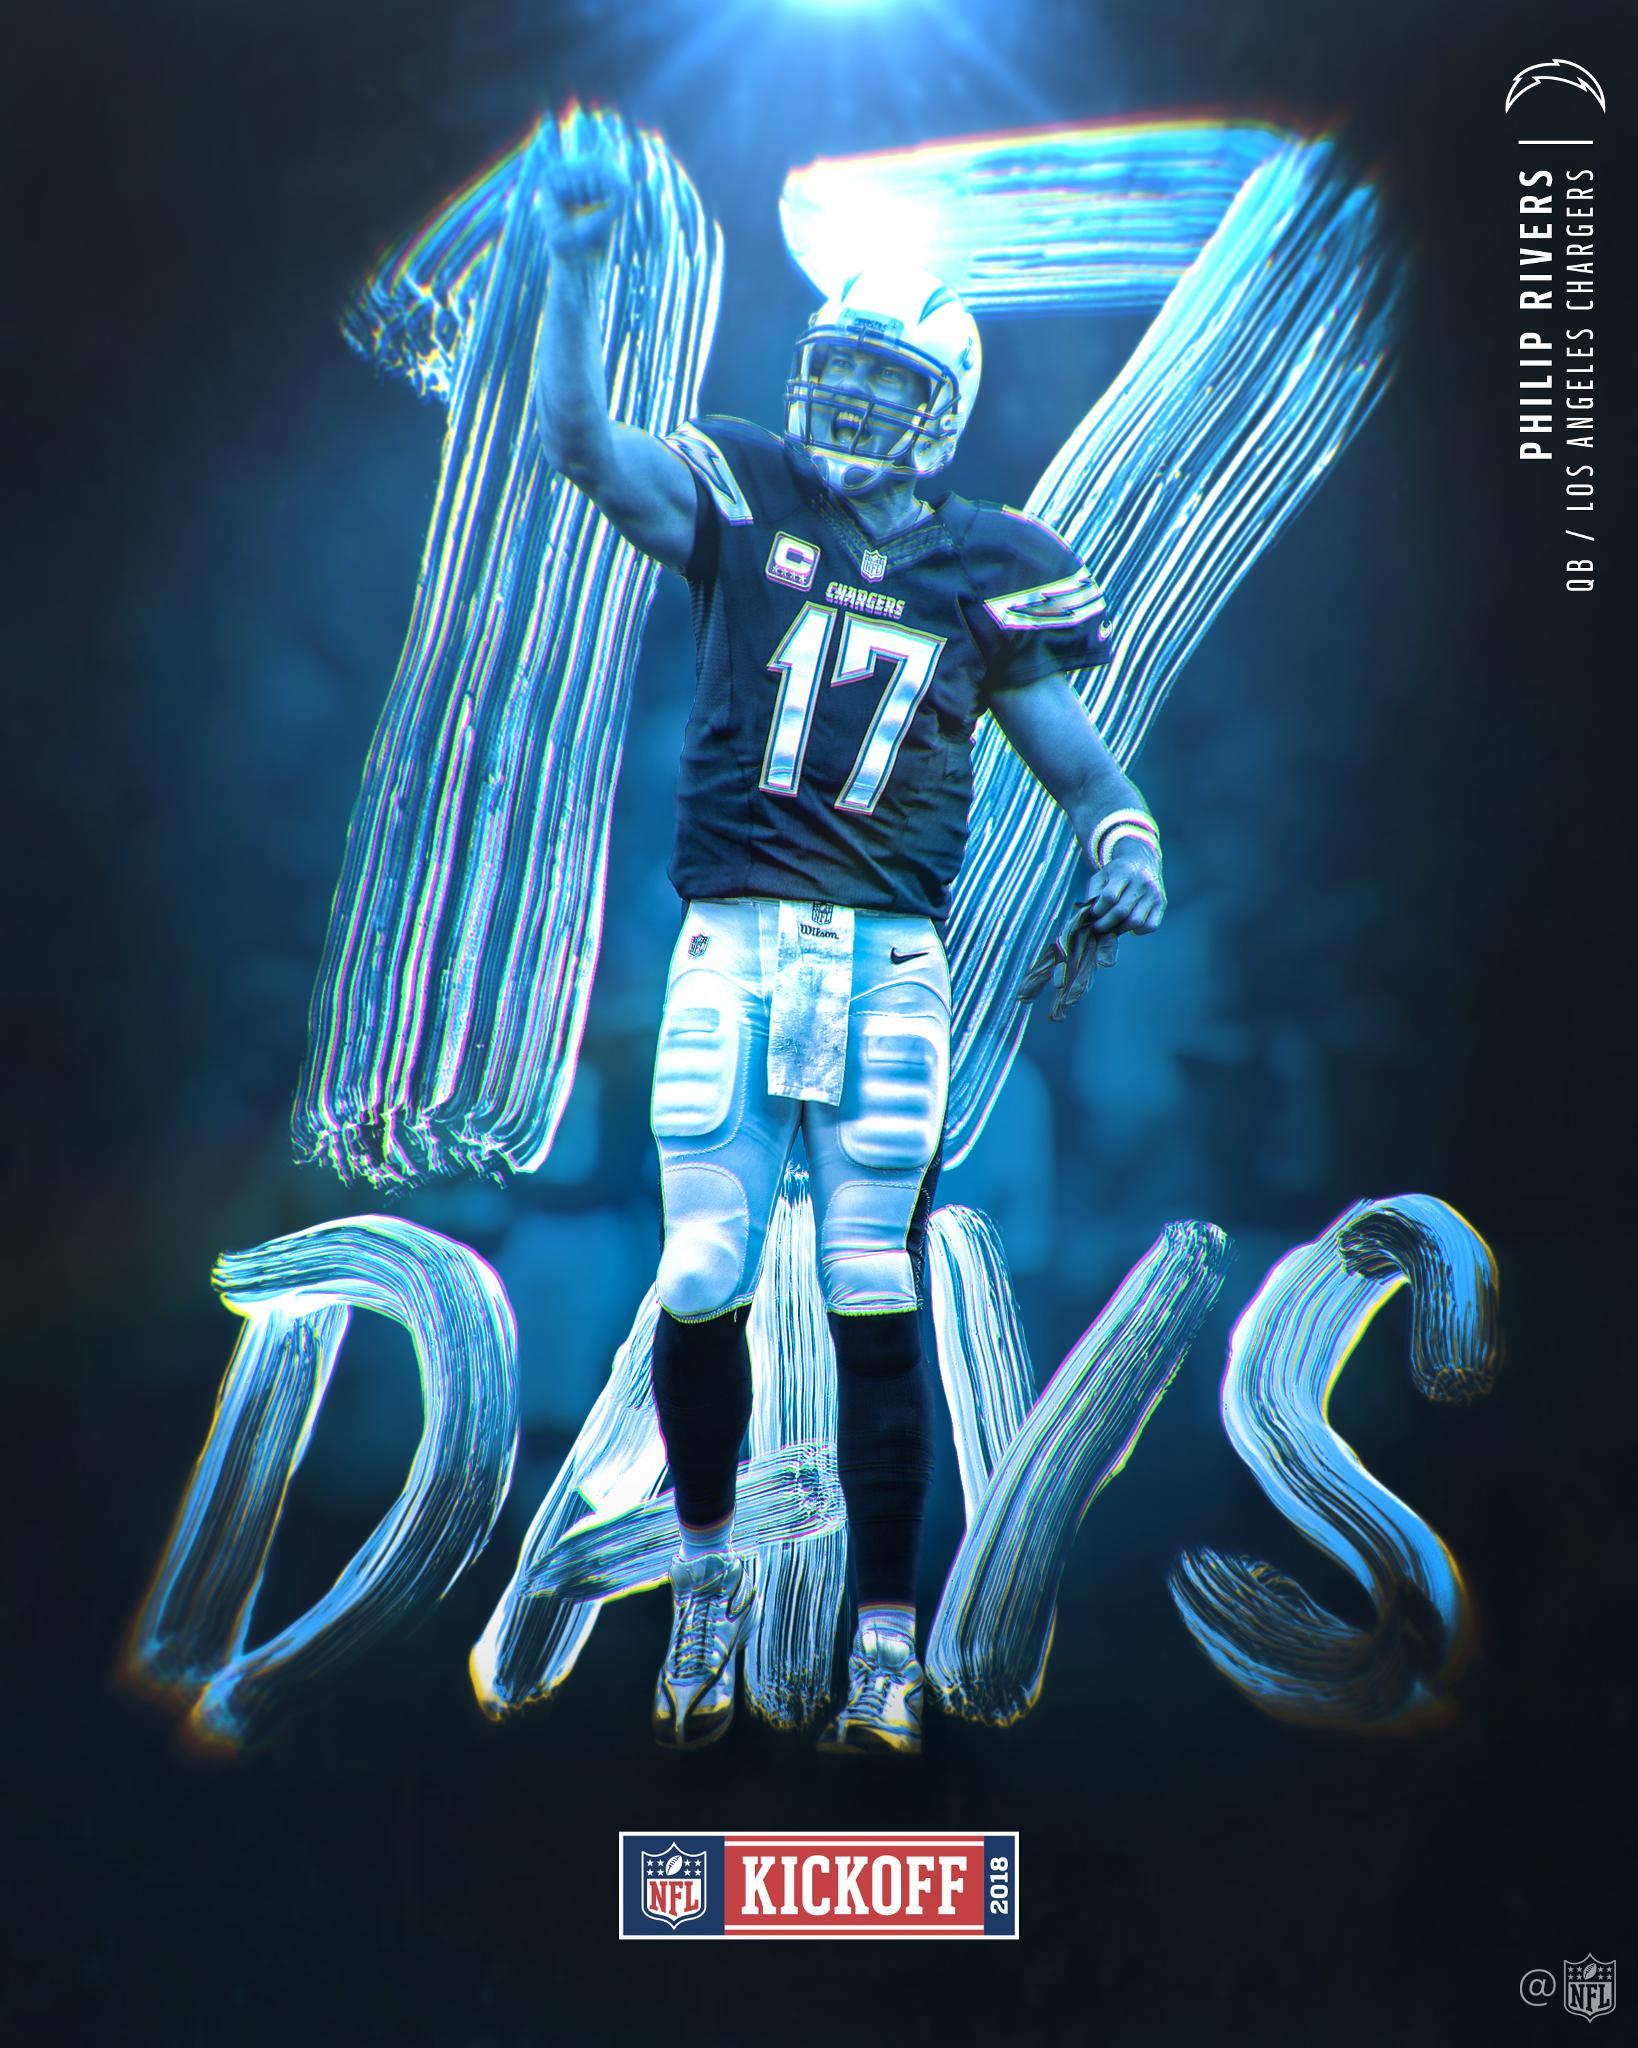 1️⃣7️⃣ days! ������  #Kickoff2018 https://t.co/X5bibgzM7v